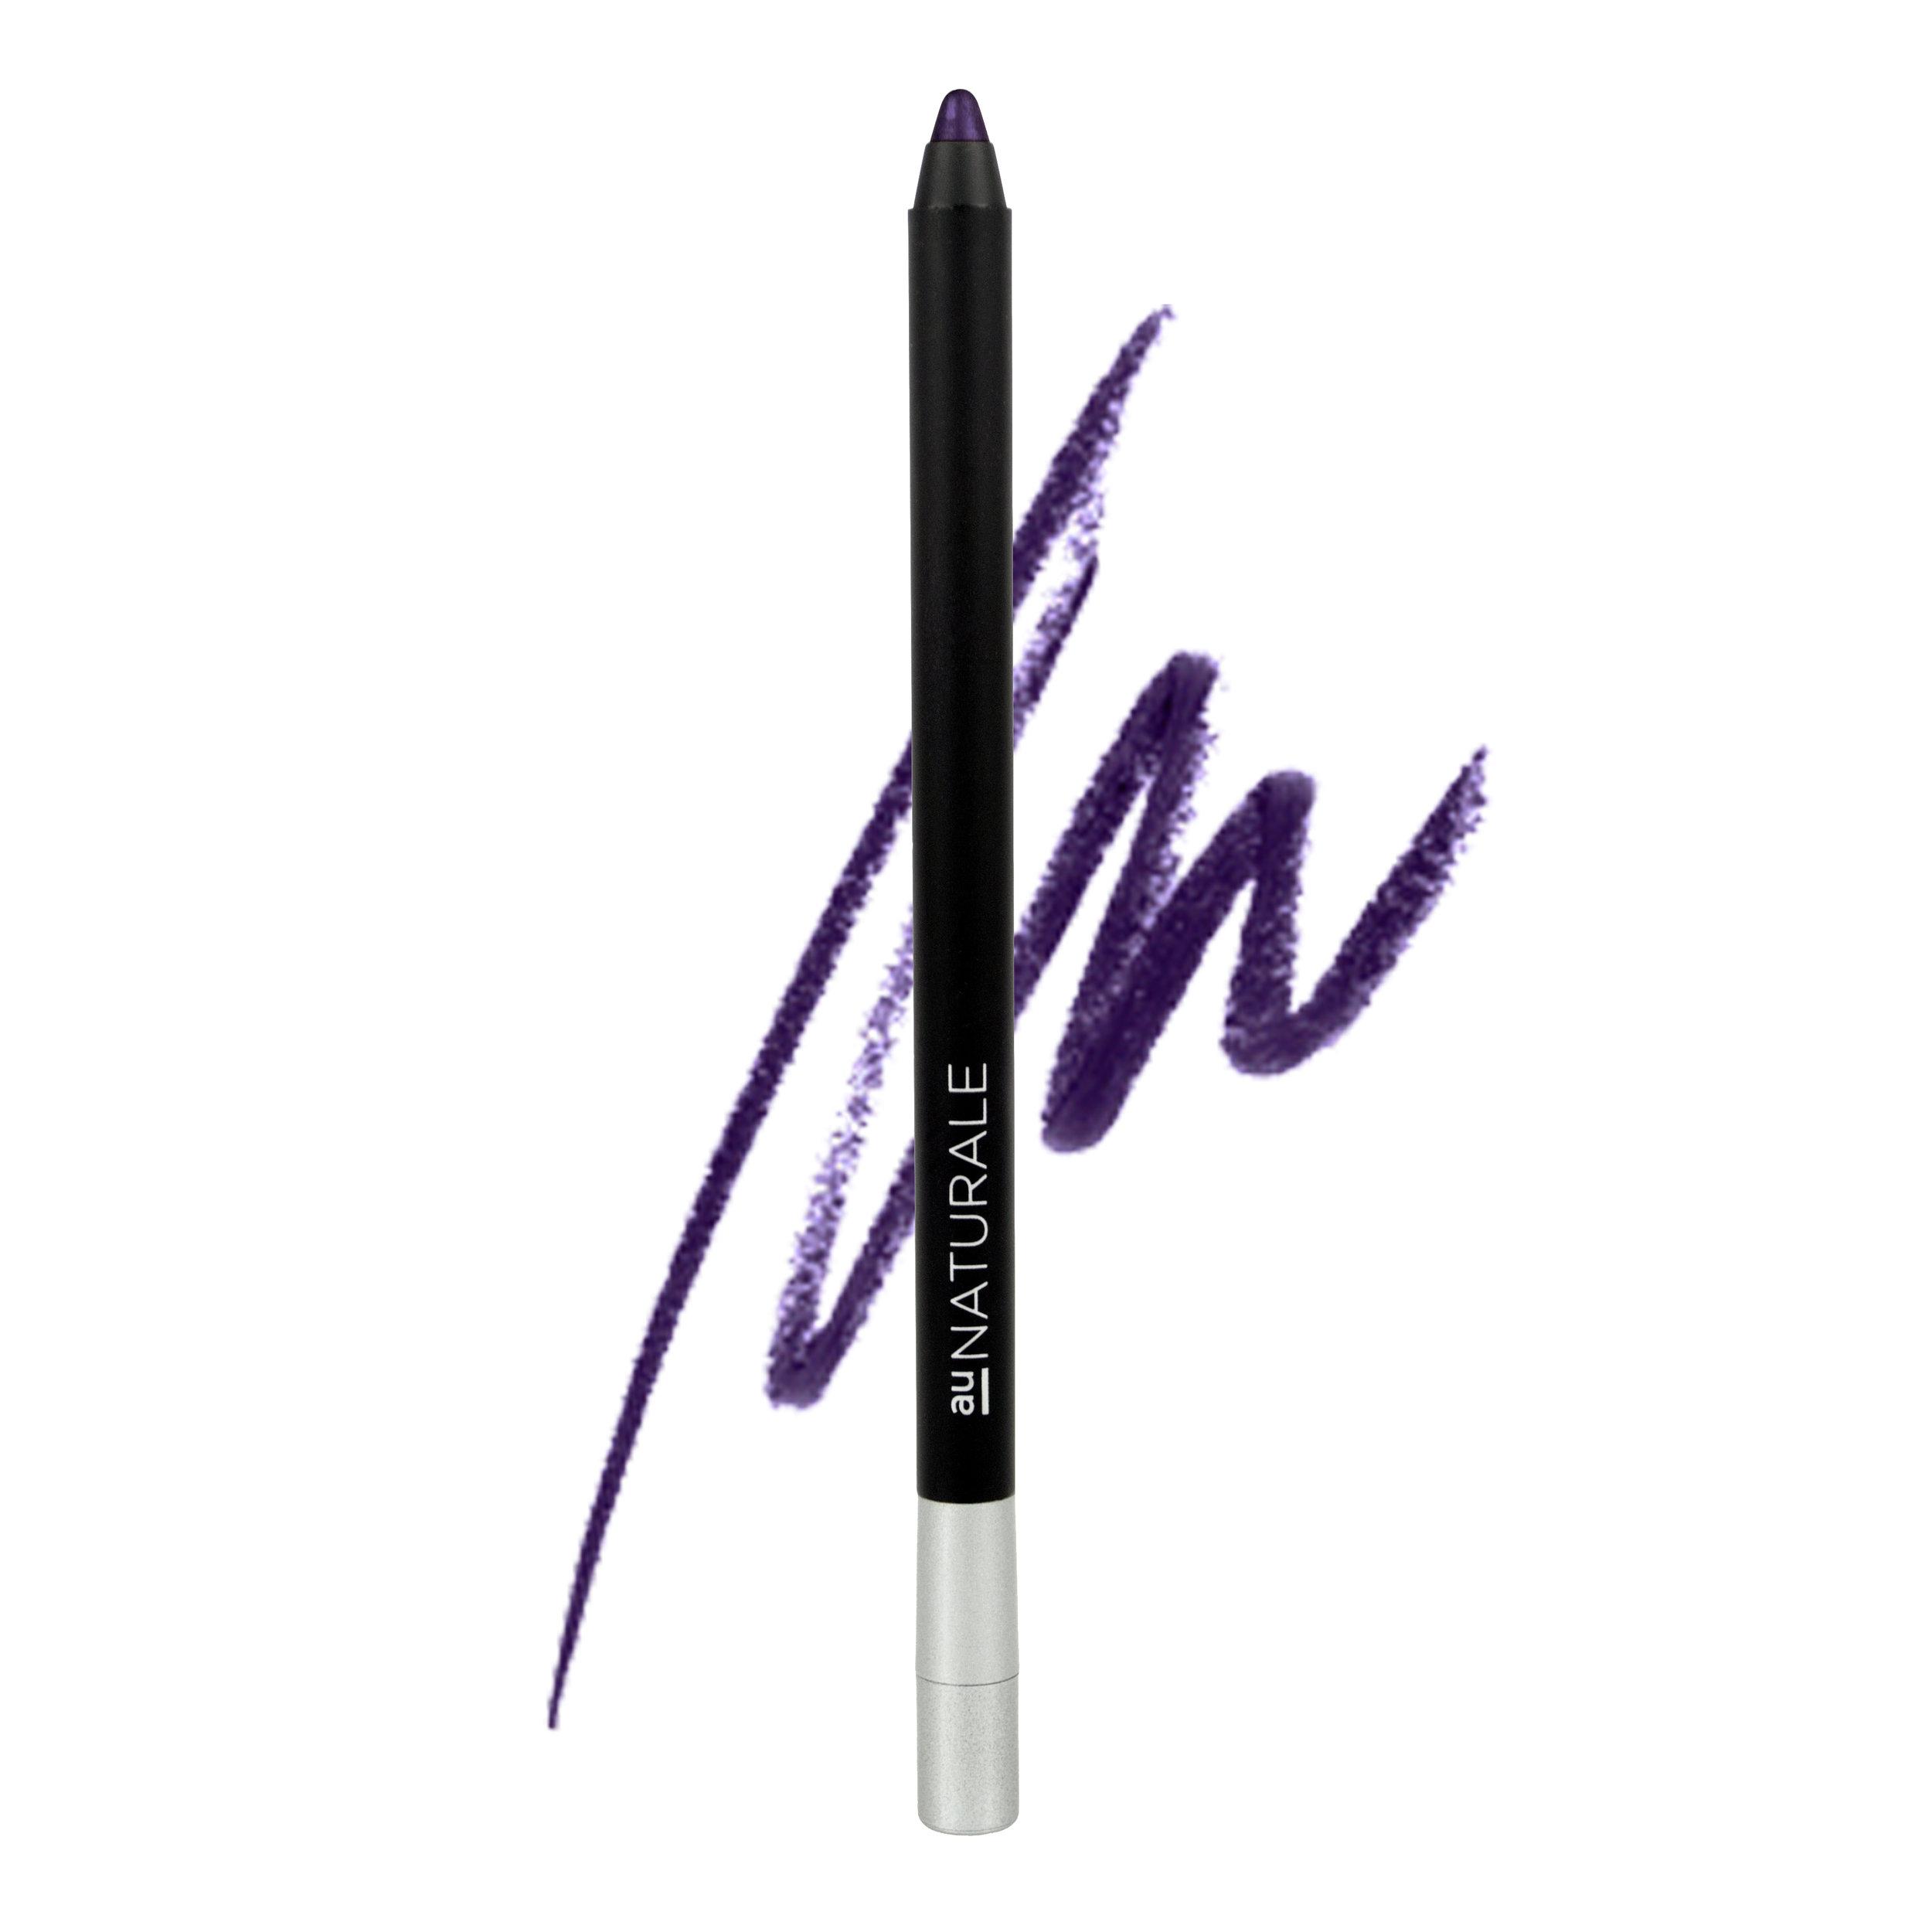 Amethyst Swipe-On Essential Eye Pencil